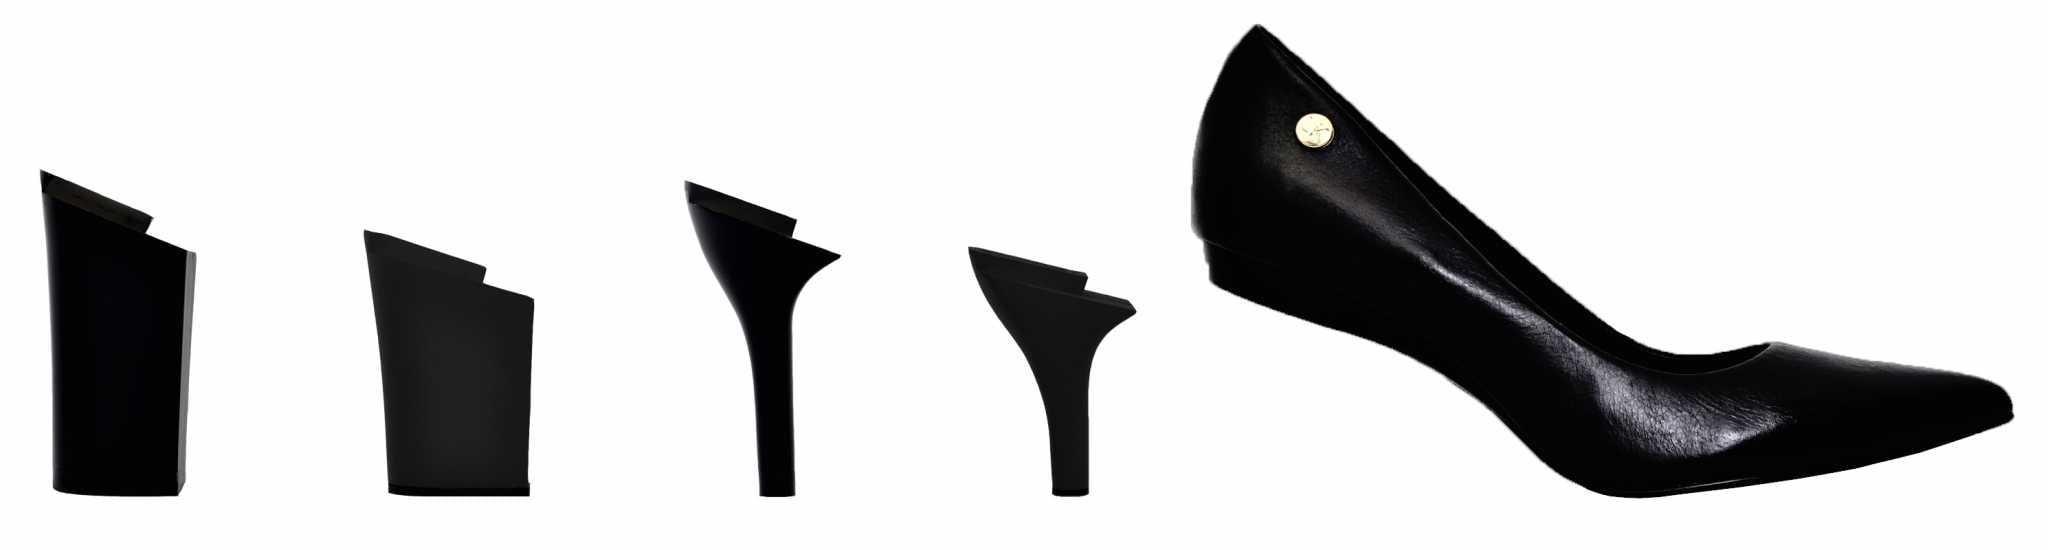 667dc19fb Funciona assim: você compra um sapato e ele já vem com dois saltos  diferentes. Aí, você pode comprar os saltos que quiser separadamente.